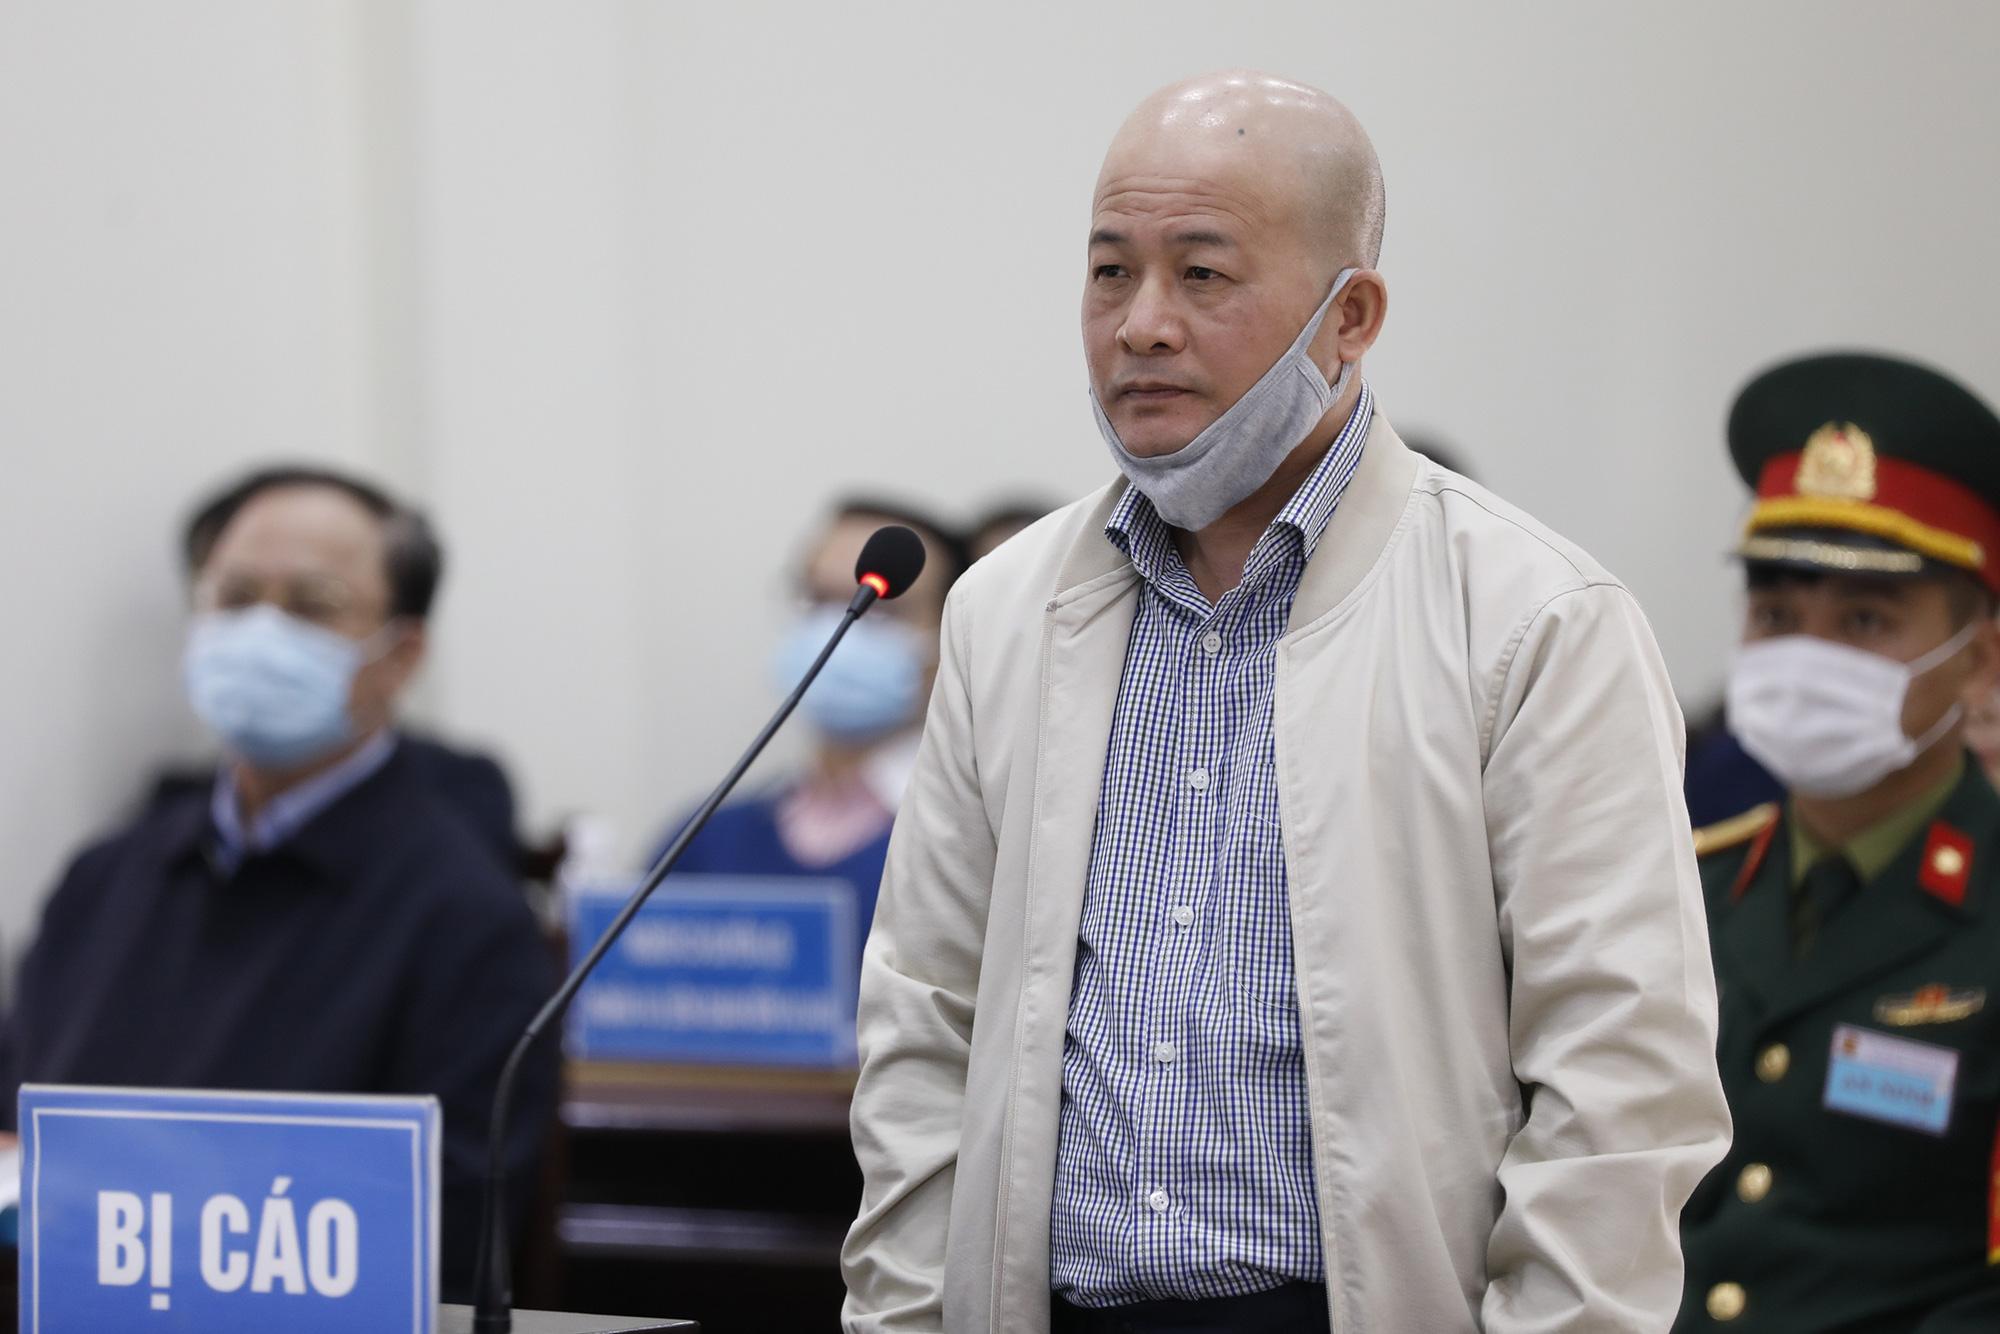 Vì sao đô đốc Nguyễn Văn Hiến xin hưởng án treo? - Ảnh 2.